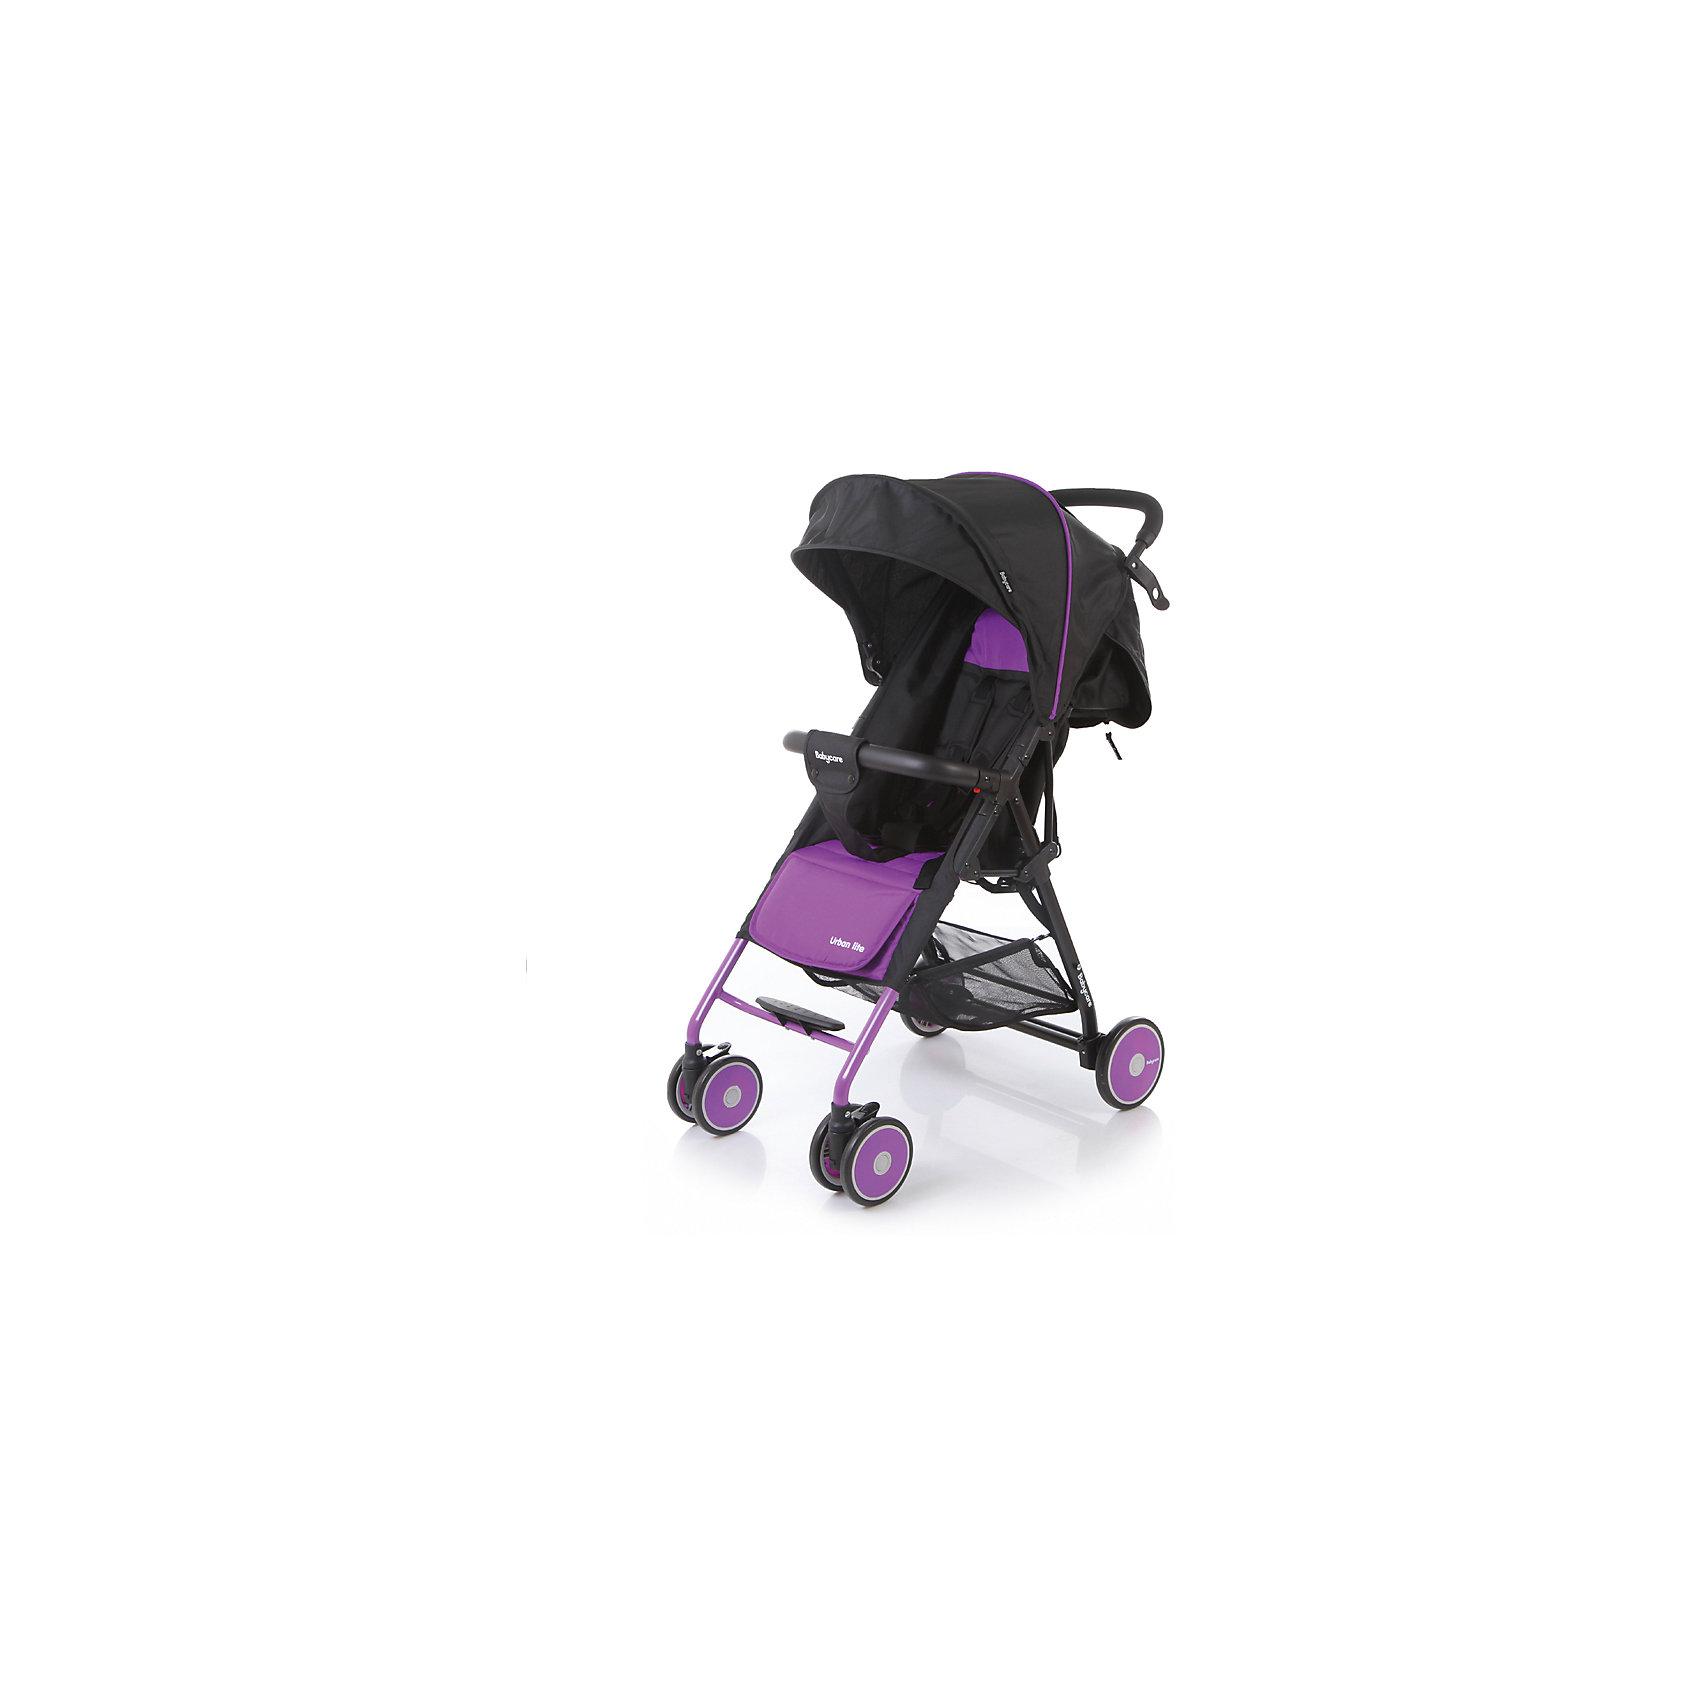 Прогулочная коляска Baby Care Urban Lite, фиолетовыйПрогулочные коляски<br>Характеристики коляски Baby Care Urban Lite:<br><br>• плавно регулируемый наклон спинки при помощи ременного механизма;<br>• складной капюшон с солнцезащитным козырьком;<br>• смотровое окошко для наблюдения за ребенком;<br>• задняя часть капюшона открывается для вентиляции воздуха;<br>• съемный бампер с дополнительным разделителем между ножек;<br>• регулируемая при помощи ремня подножка;<br>• ручка родителей с мягкой нескользящей накладкой;<br>• 5-ти точечные ремни безопасности с мягкими накладками;<br>• ширина сидения 33,5 см;<br>• материал: полиэстер.<br><br>Прогулочная коляска Baby Care Urban Lite — легкая маневренная коляска для прогулок по городу, поездок на природу и путешествия. Просторное сидение, откидывающая спинка и регулируемая подножка обеспечивают малышу максимально комфортную прогулку. Коляска компактно складывается, не занимает много места, ее можно перевозить в багажнике автомобиля. <br><br>Шасси коляски:<br><br>• легкая алюминиевая рама;<br>• передние поворотные колеса сдвоенные, с возможностью фиксации;<br>• задние колеса одинарные;<br>• диаметр передних колес 13 см, задних — 15,3 см;<br>• ширина колесной базы 51 см;<br>• амортизаторы на передних колесах для смягчения хода;<br>• ножной тормоз;<br>• тип складывания «книжка»;<br>• устойчива в сложенном виде;<br>• корзина для покупок размером 40х34х14 см.<br><br>Размер коляски в разложенном виде 87х51х103 см<br>Размер коляски в сложенном виде 67х51х25 см<br>Вес коляски 5,4 кг<br>Размер упаковки 66х46х18 см<br>Вес в упаковке 6,2 кг<br><br>Комплектация:<br><br>• прогулочный блок<br>• корзина для покупок;<br>• чехол на ножки;<br>• инструкция.<br><br>Прогулочную коляску Baby Care Urban Lite фиолетовую можно приобрести в нашем интернет-магазине.<br><br>Ширина мм: 660<br>Глубина мм: 460<br>Высота мм: 180<br>Вес г: 6200<br>Возраст от месяцев: 6<br>Возраст до месяцев: 36<br>Пол: Унисекс<br>Возраст: Детский<br>SKU: 5493337